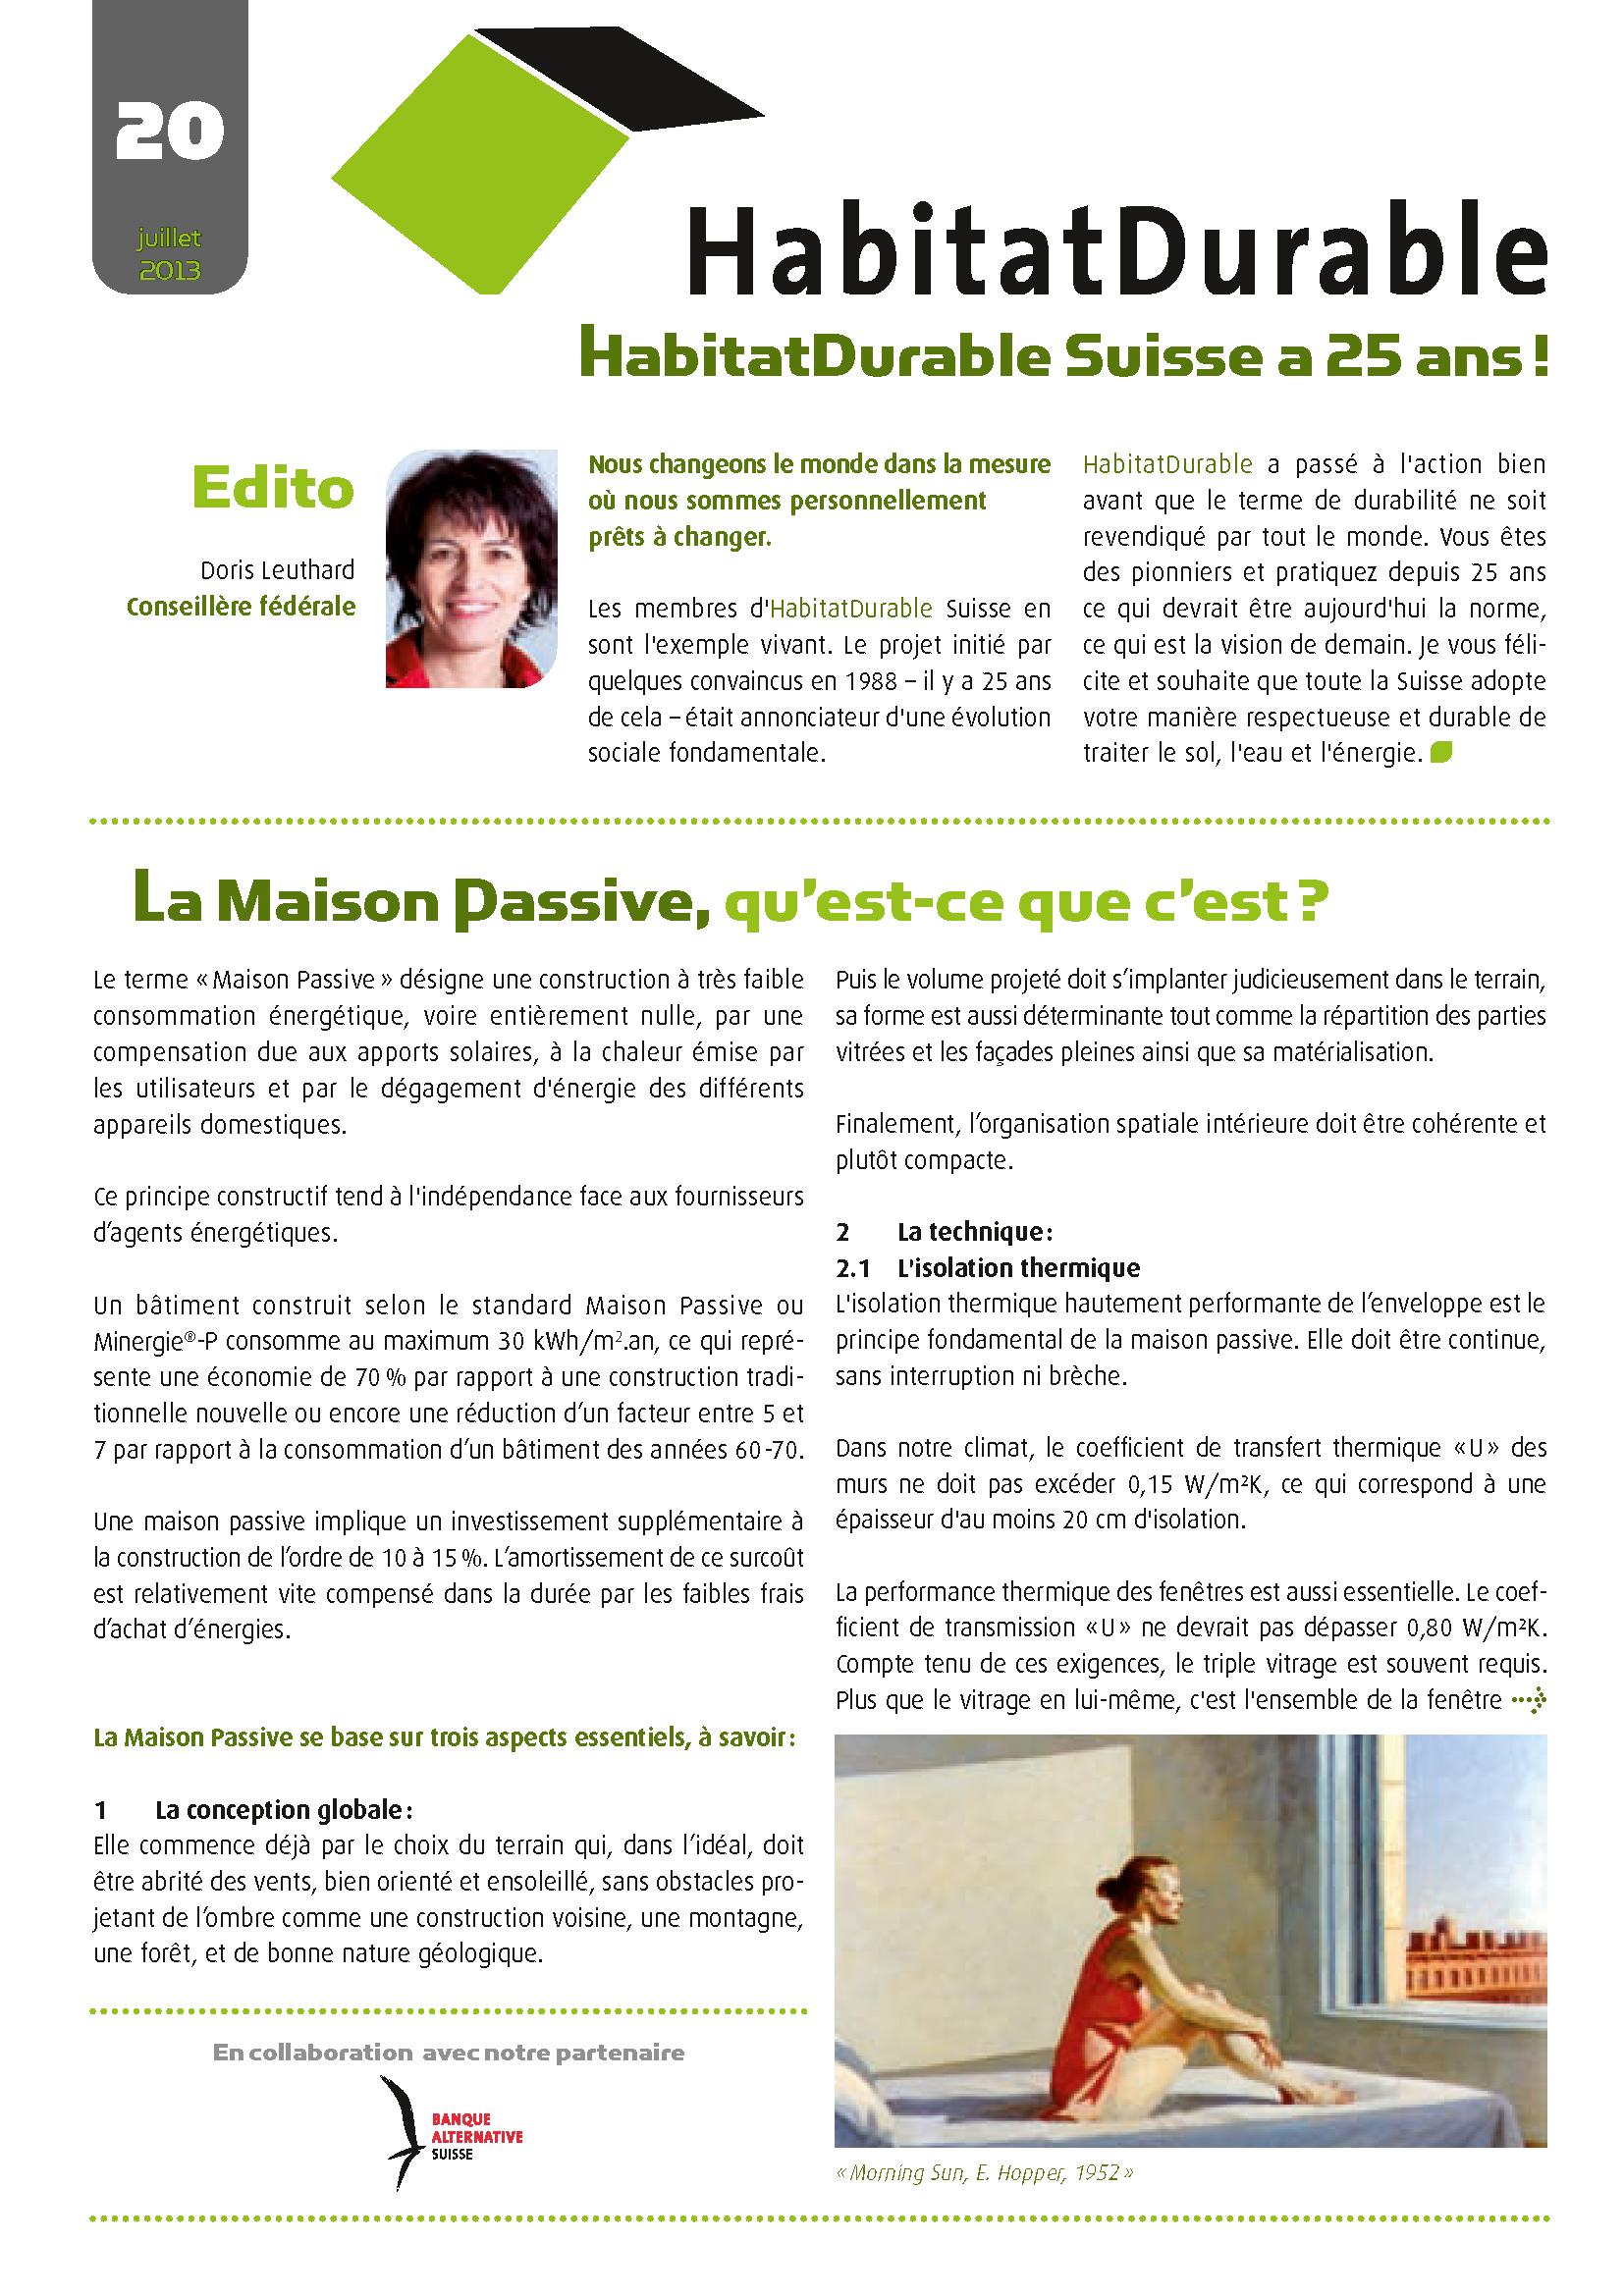 HabitatDurable 20 | juillet 2013